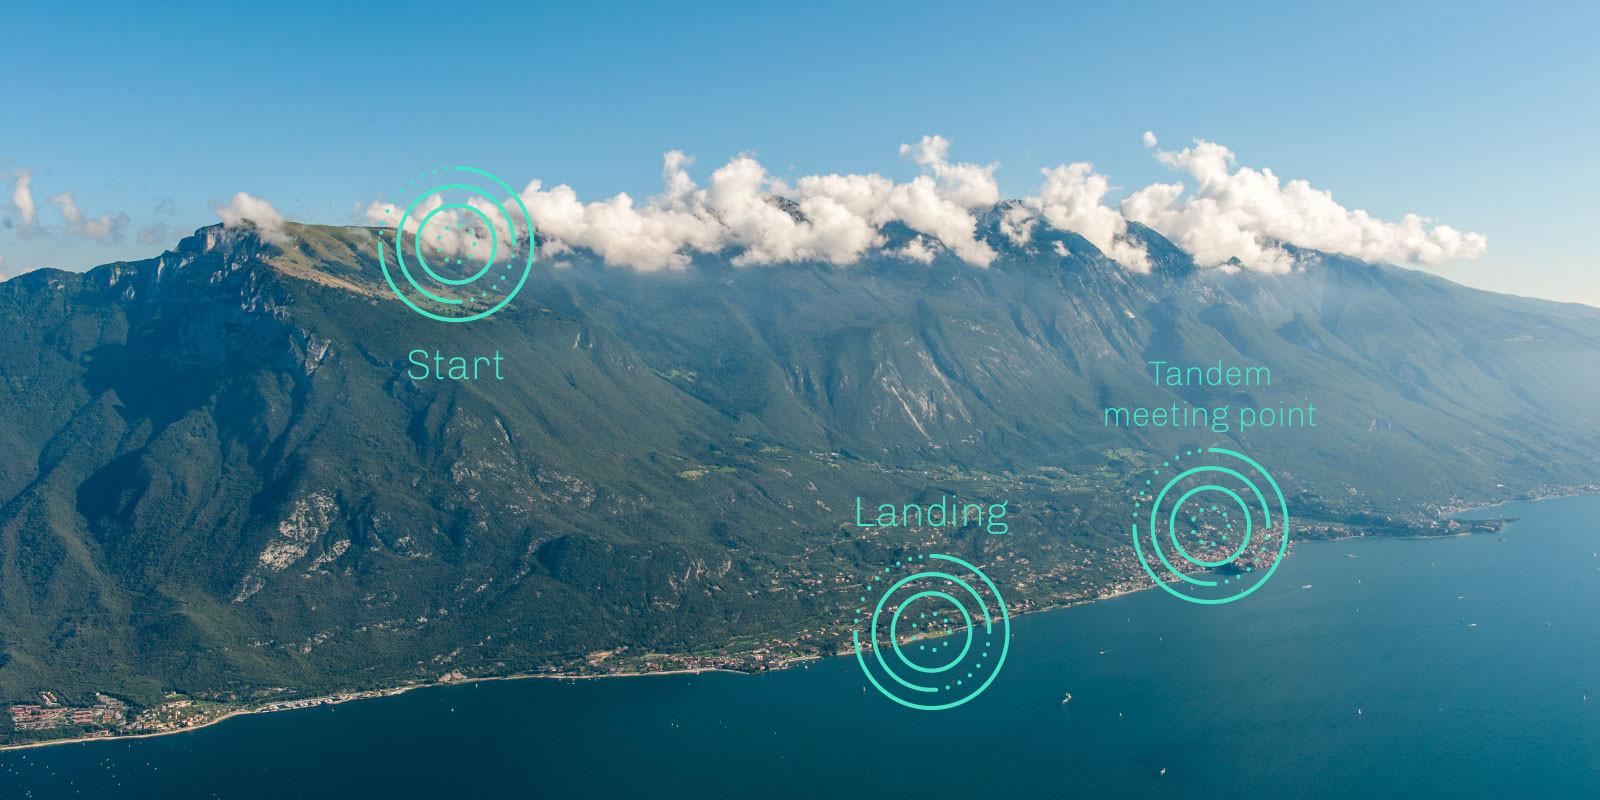 Tandem Paragliding Malcesine Meeting Point Lake Garda